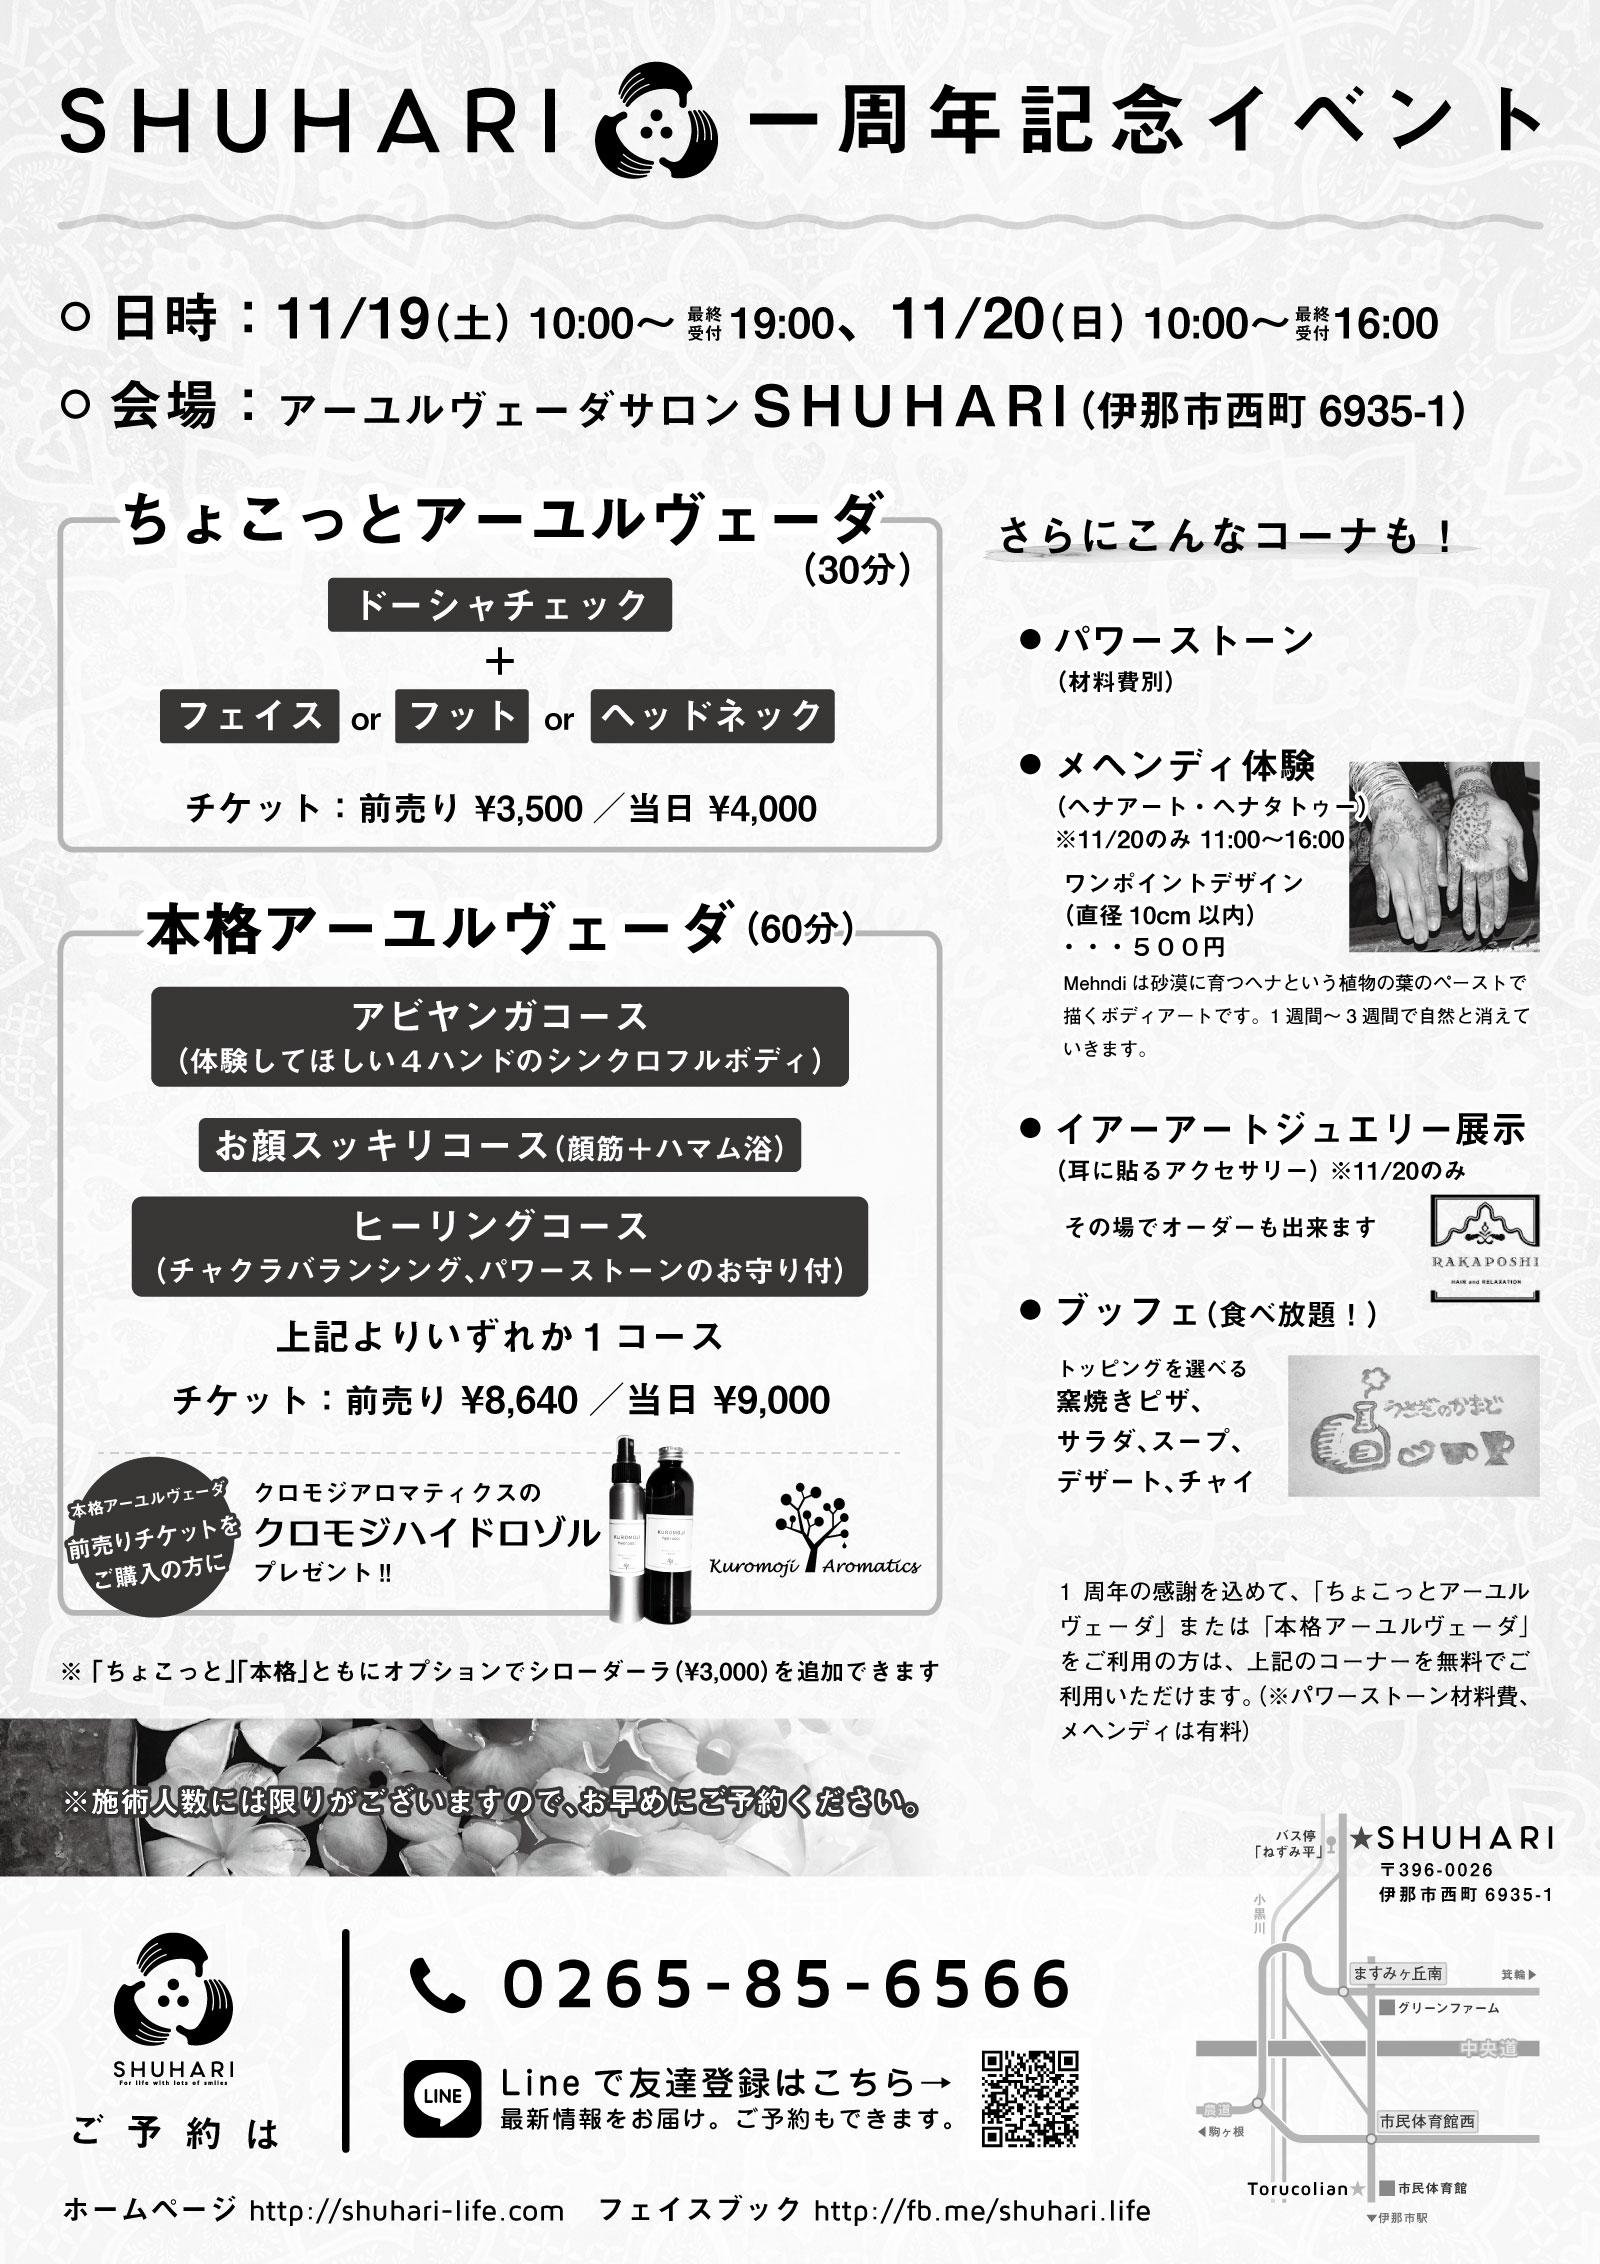 shuhari-1stanni-back